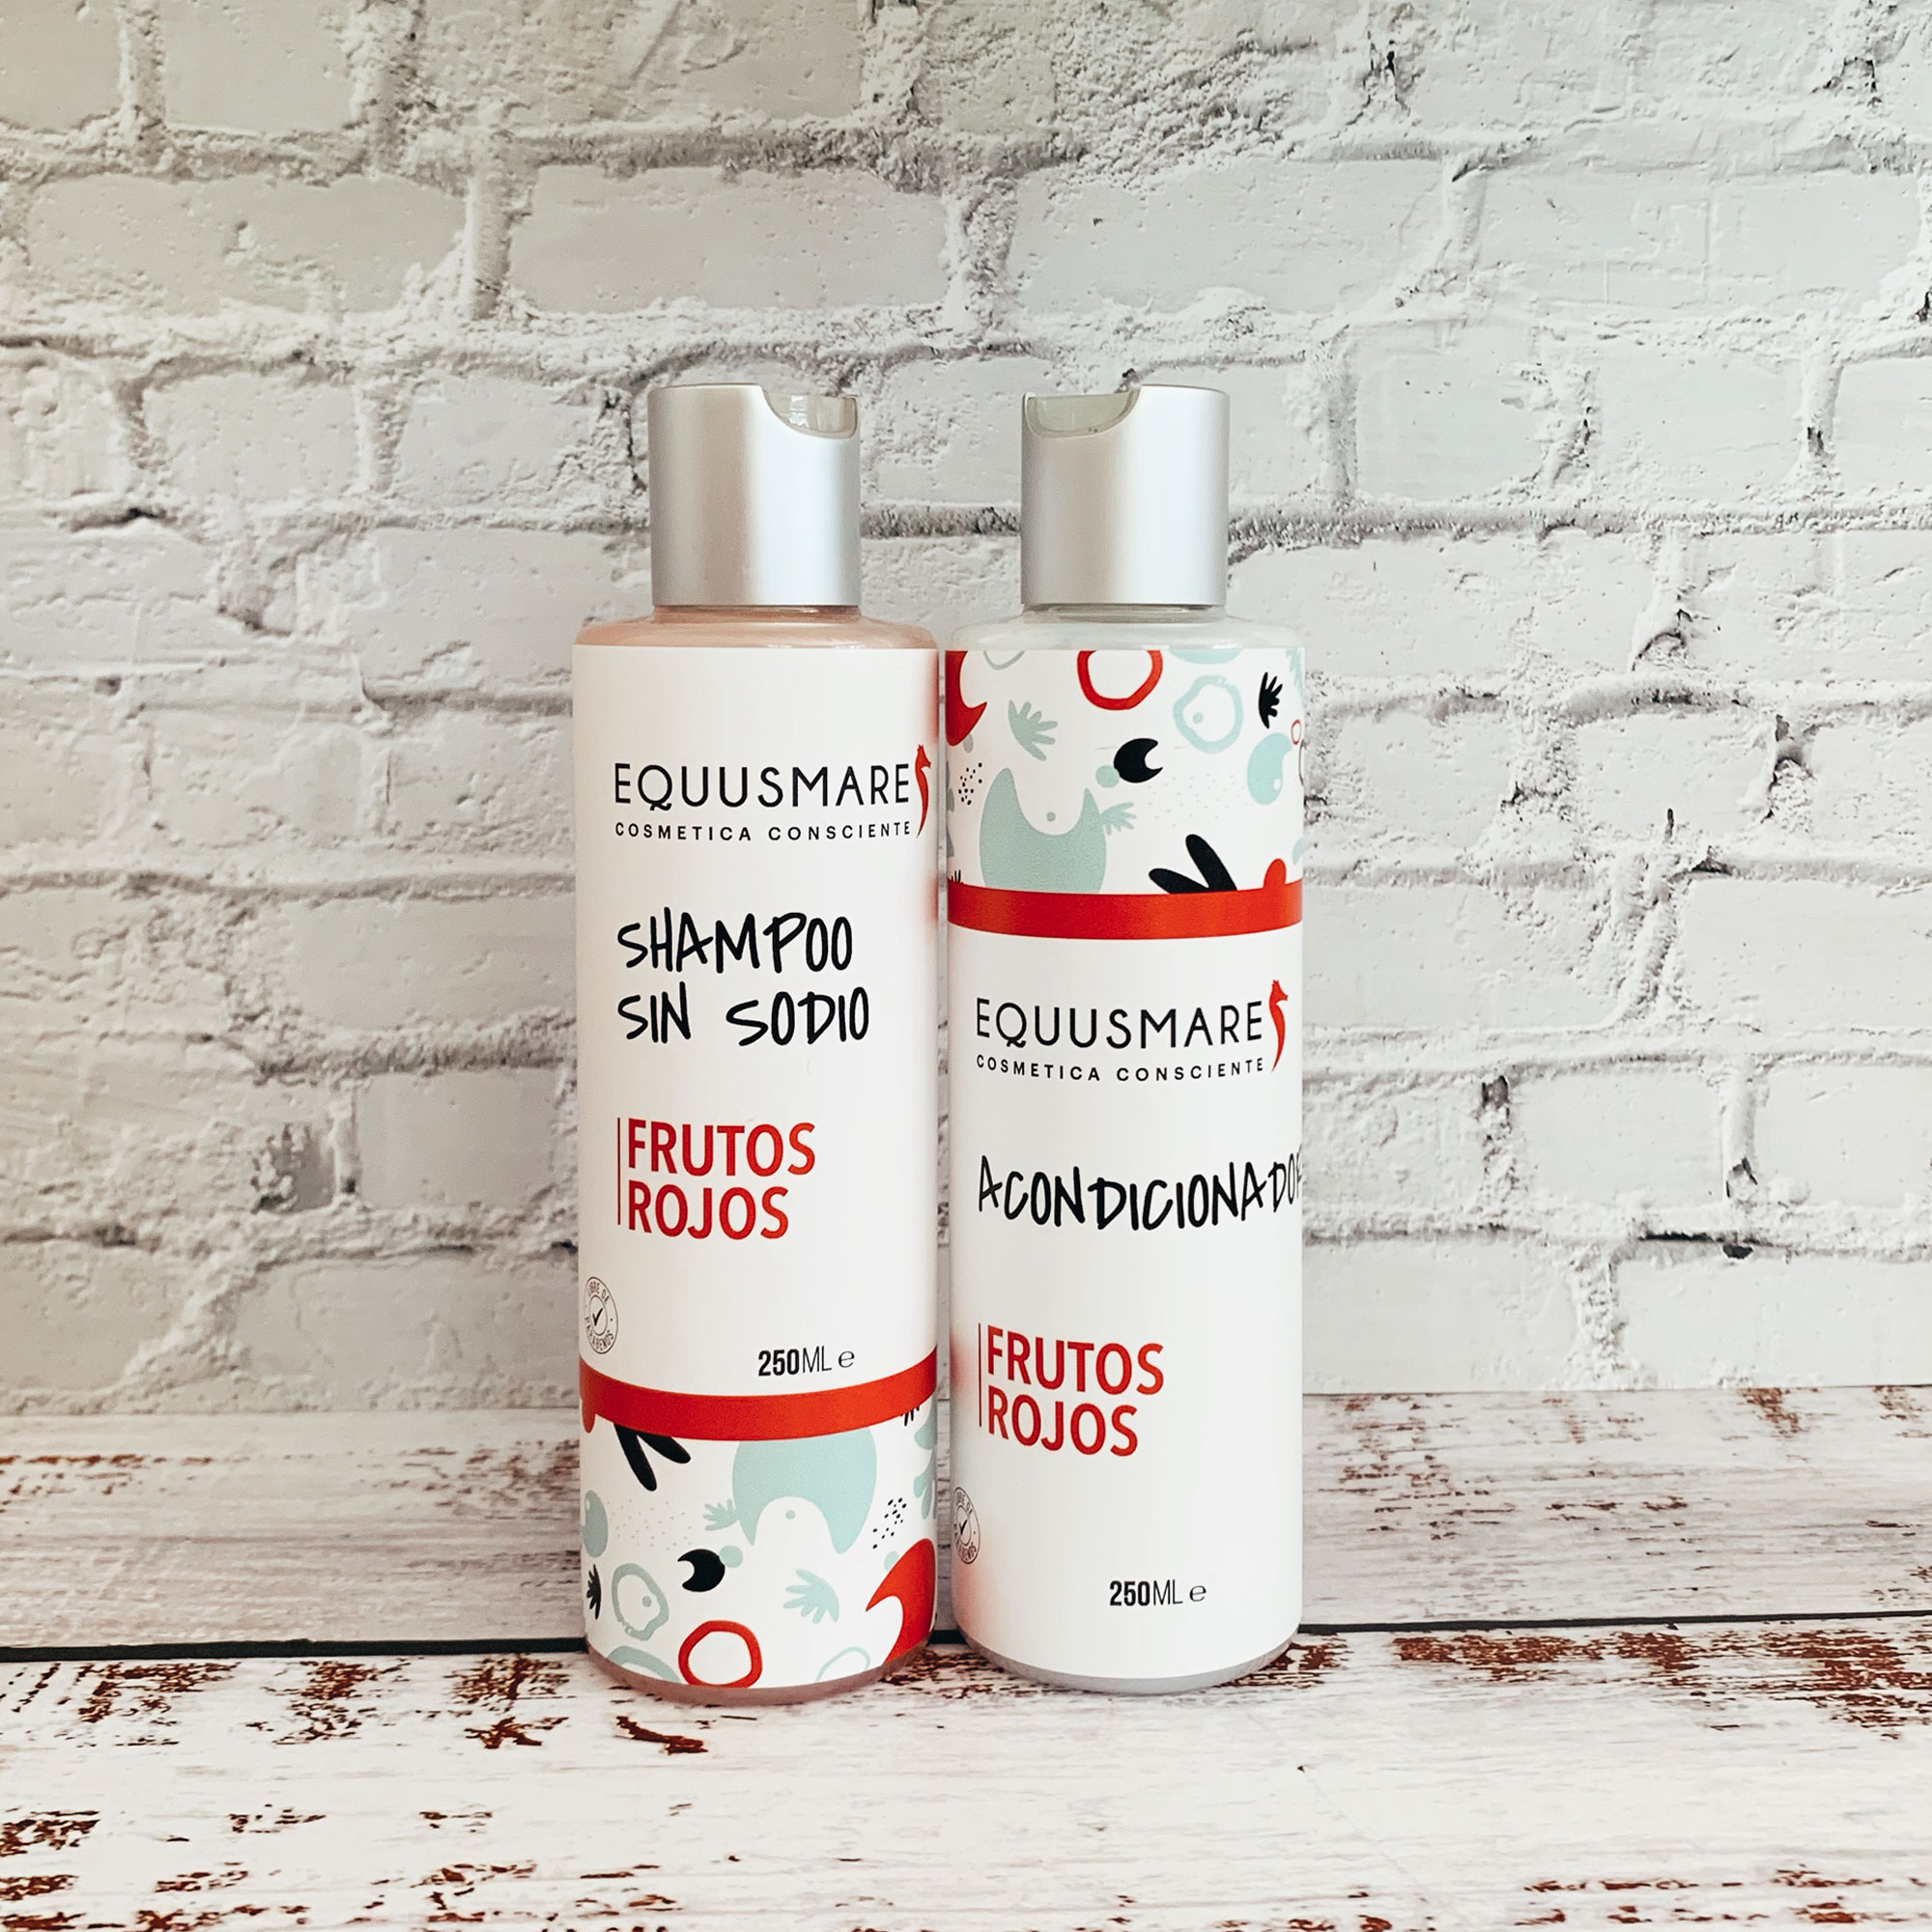 Pack Shampoo Bálsamo Frutos Rojos